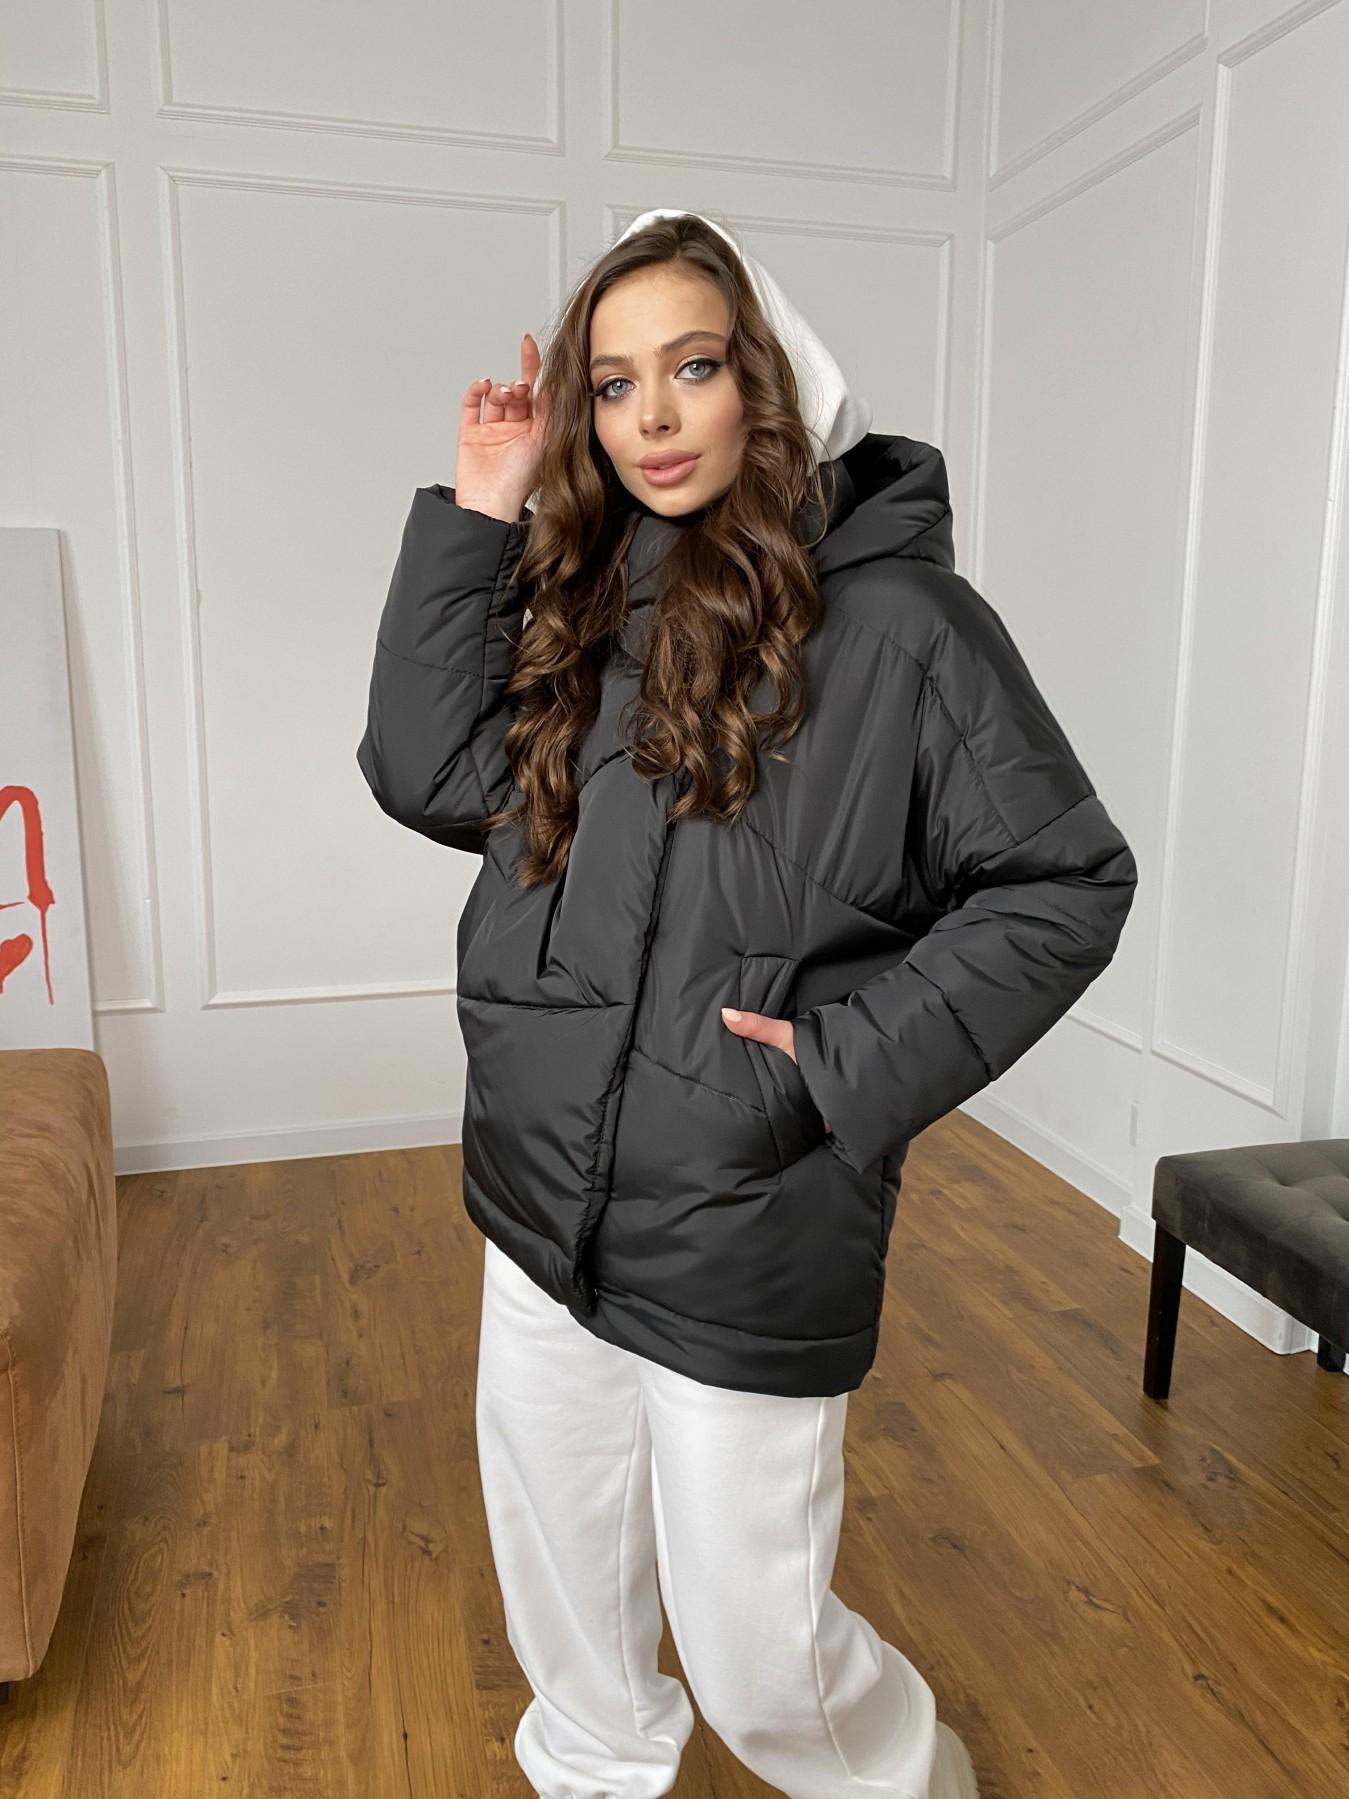 Уно куртка плащевка Ammy 10671 АРТ. 47399 Цвет: Черный - фото 2, интернет магазин tm-modus.ru